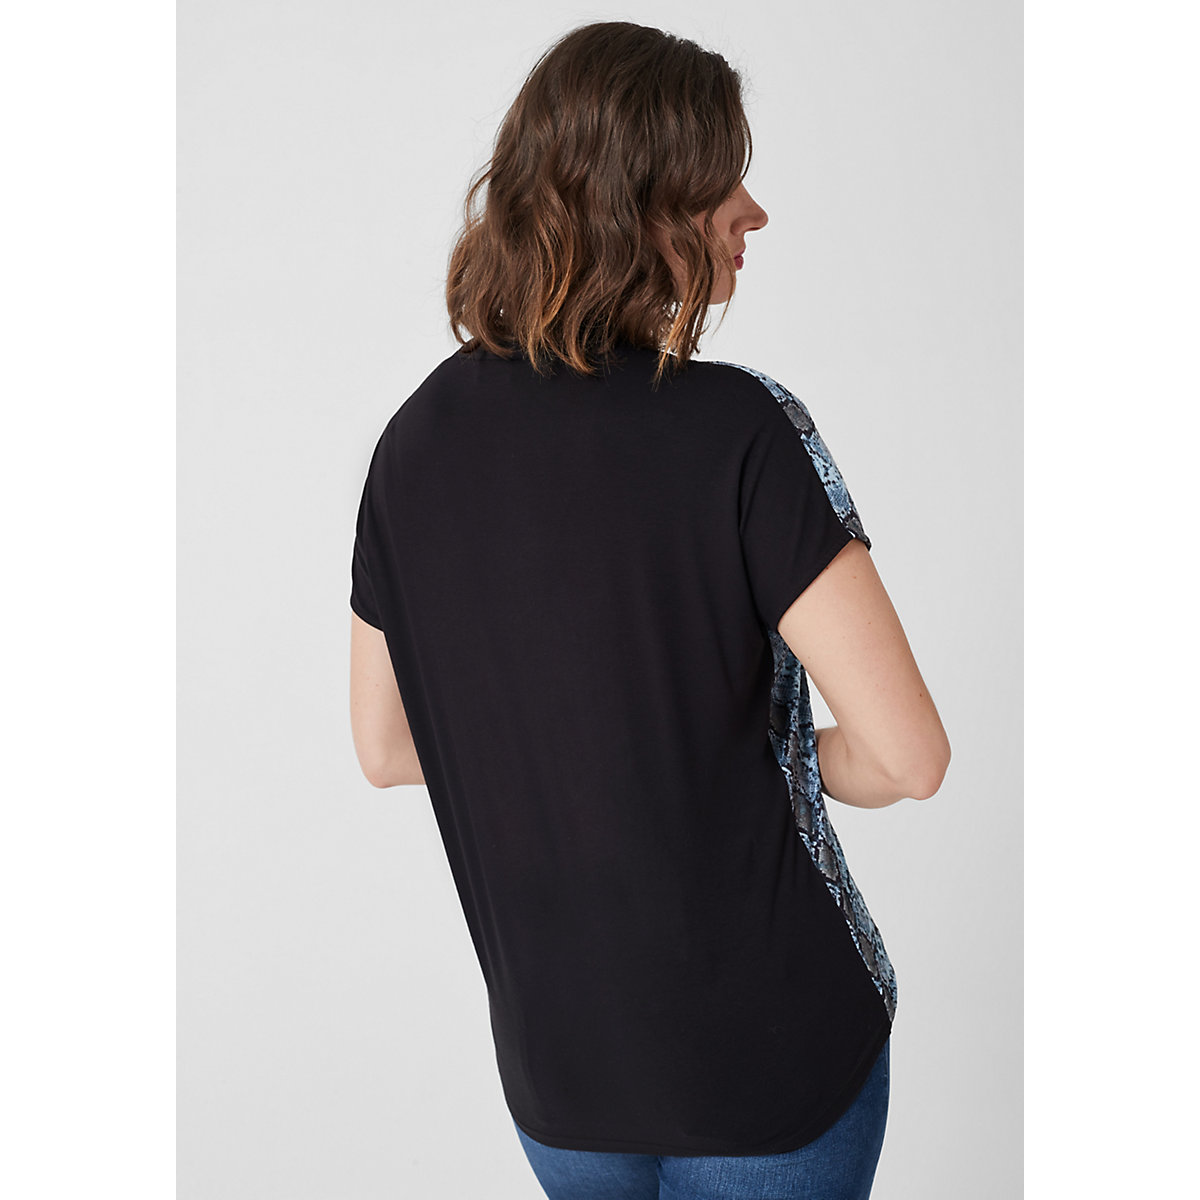 TRIANGLE V-Neck-Shirt mit Schlangen-Muster T-Shirts blau